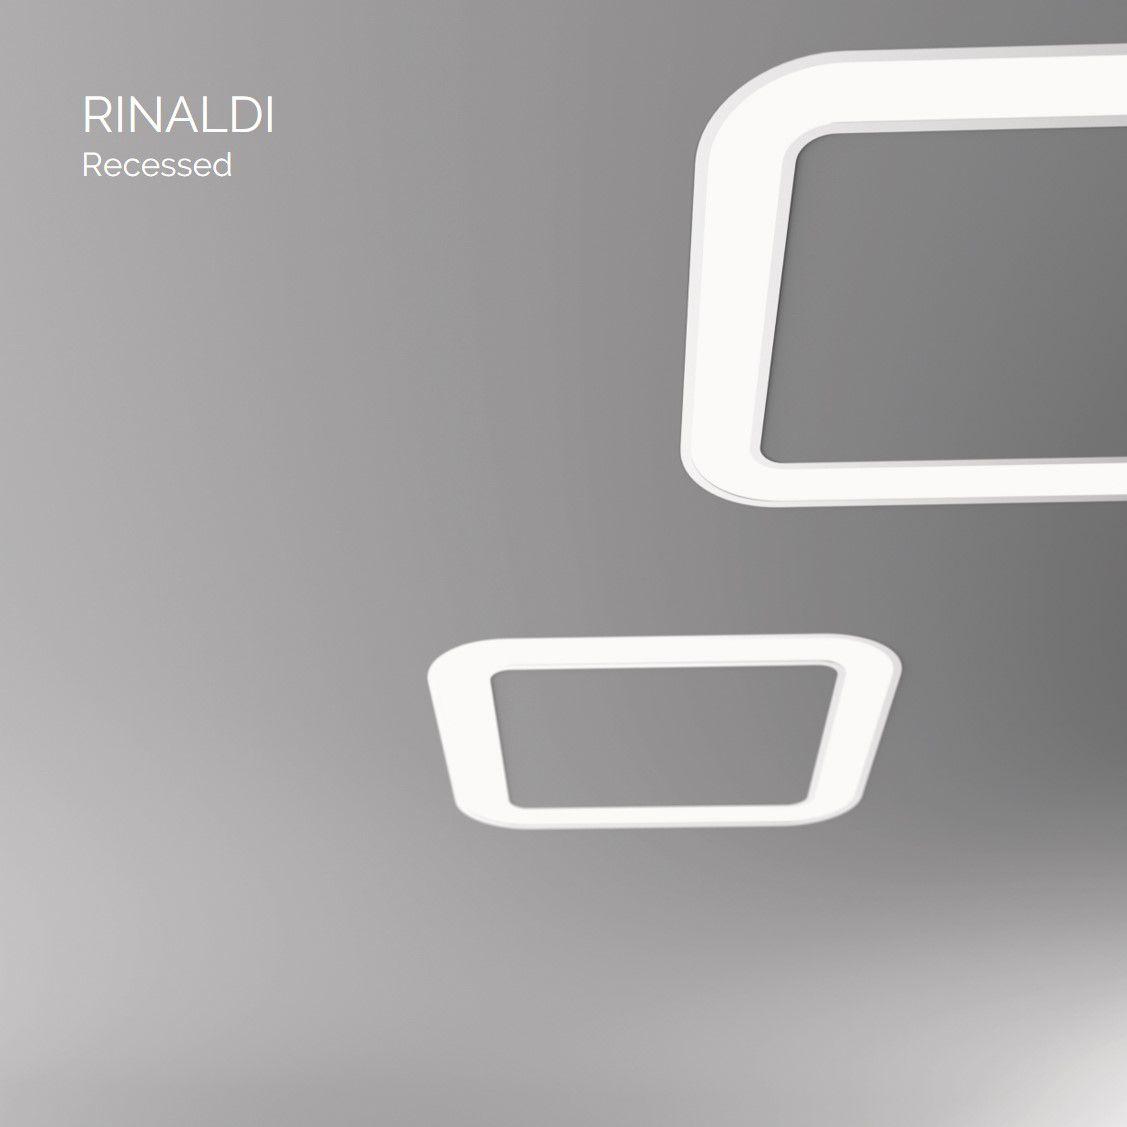 rinaldi inbouw armatuur vierkant 900mm 4000k 8741lm 105w fix